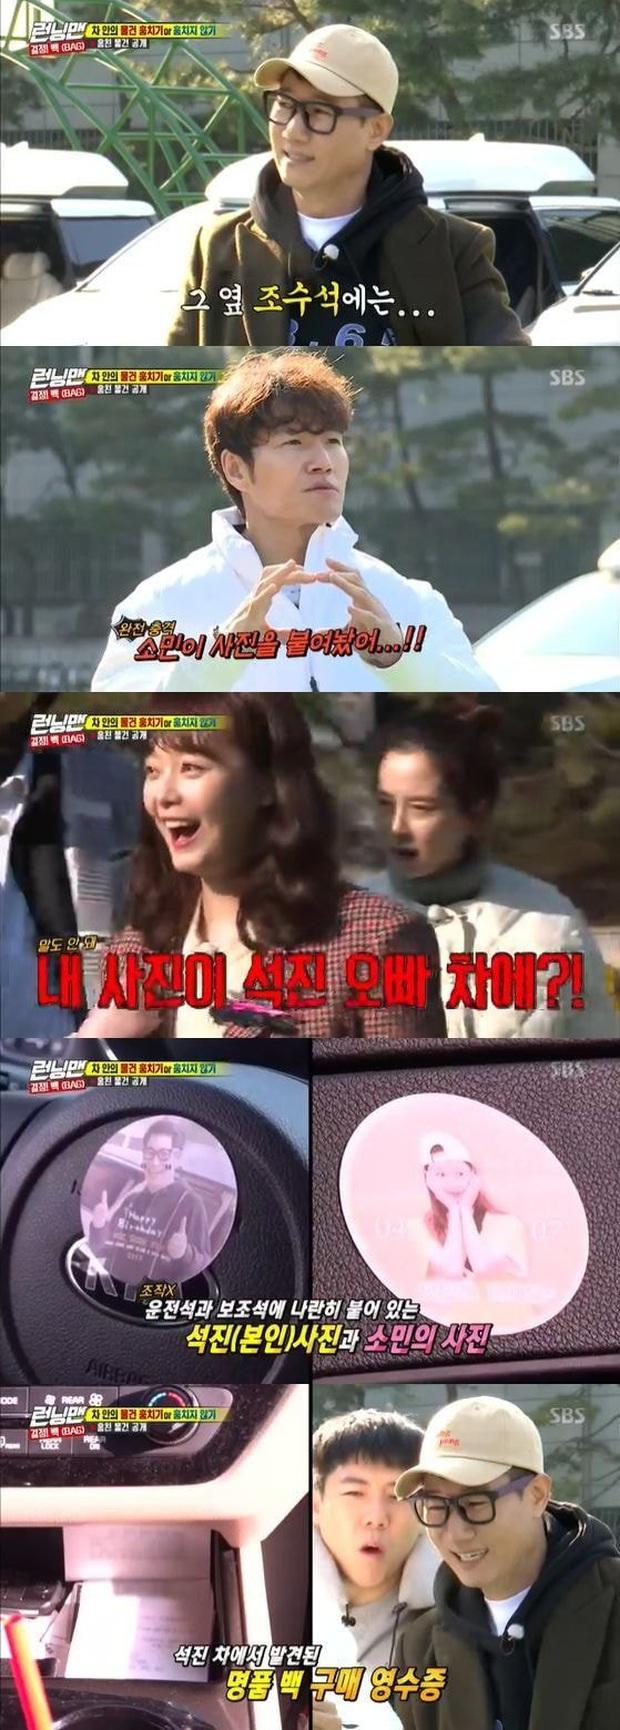 """""""Running Man"""" bị chỉ trích gay gắt vì cố tình gán ghép Jeon So Min với anh cả Ji Suk Jin đã có gia đình - Ảnh 3."""